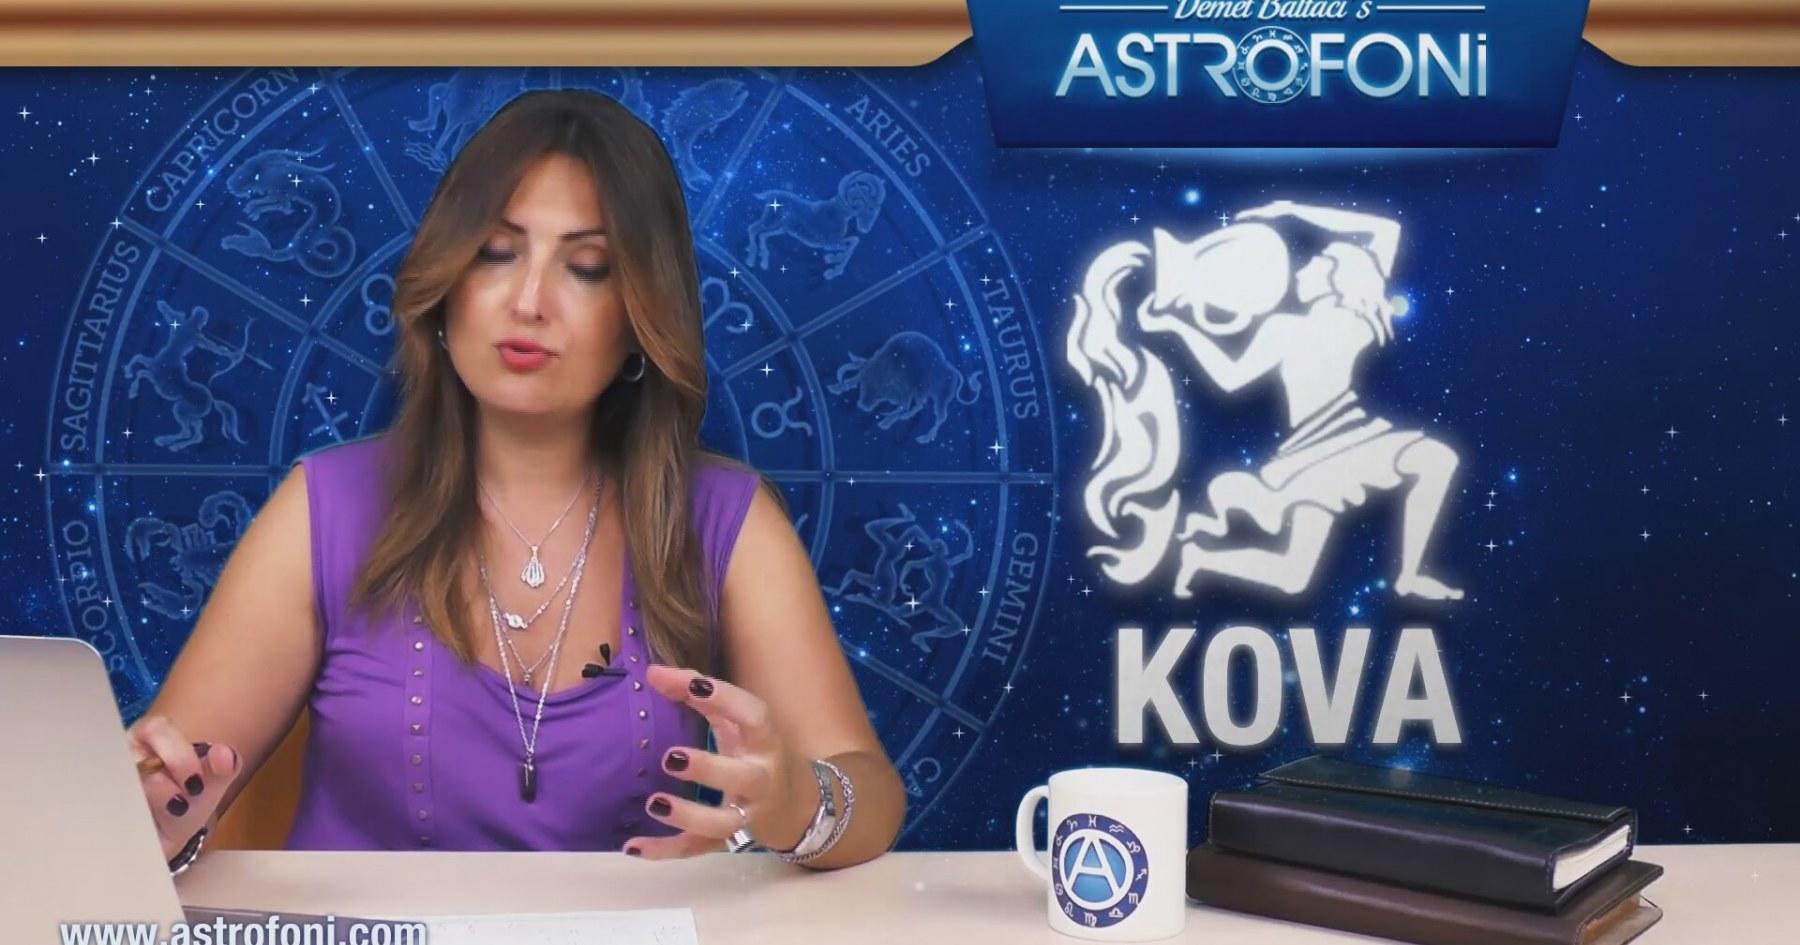 kova-burcu-aylik-yorumu-agustos-2016-demet-baltaci_9421305-45000_1800x945.jpg